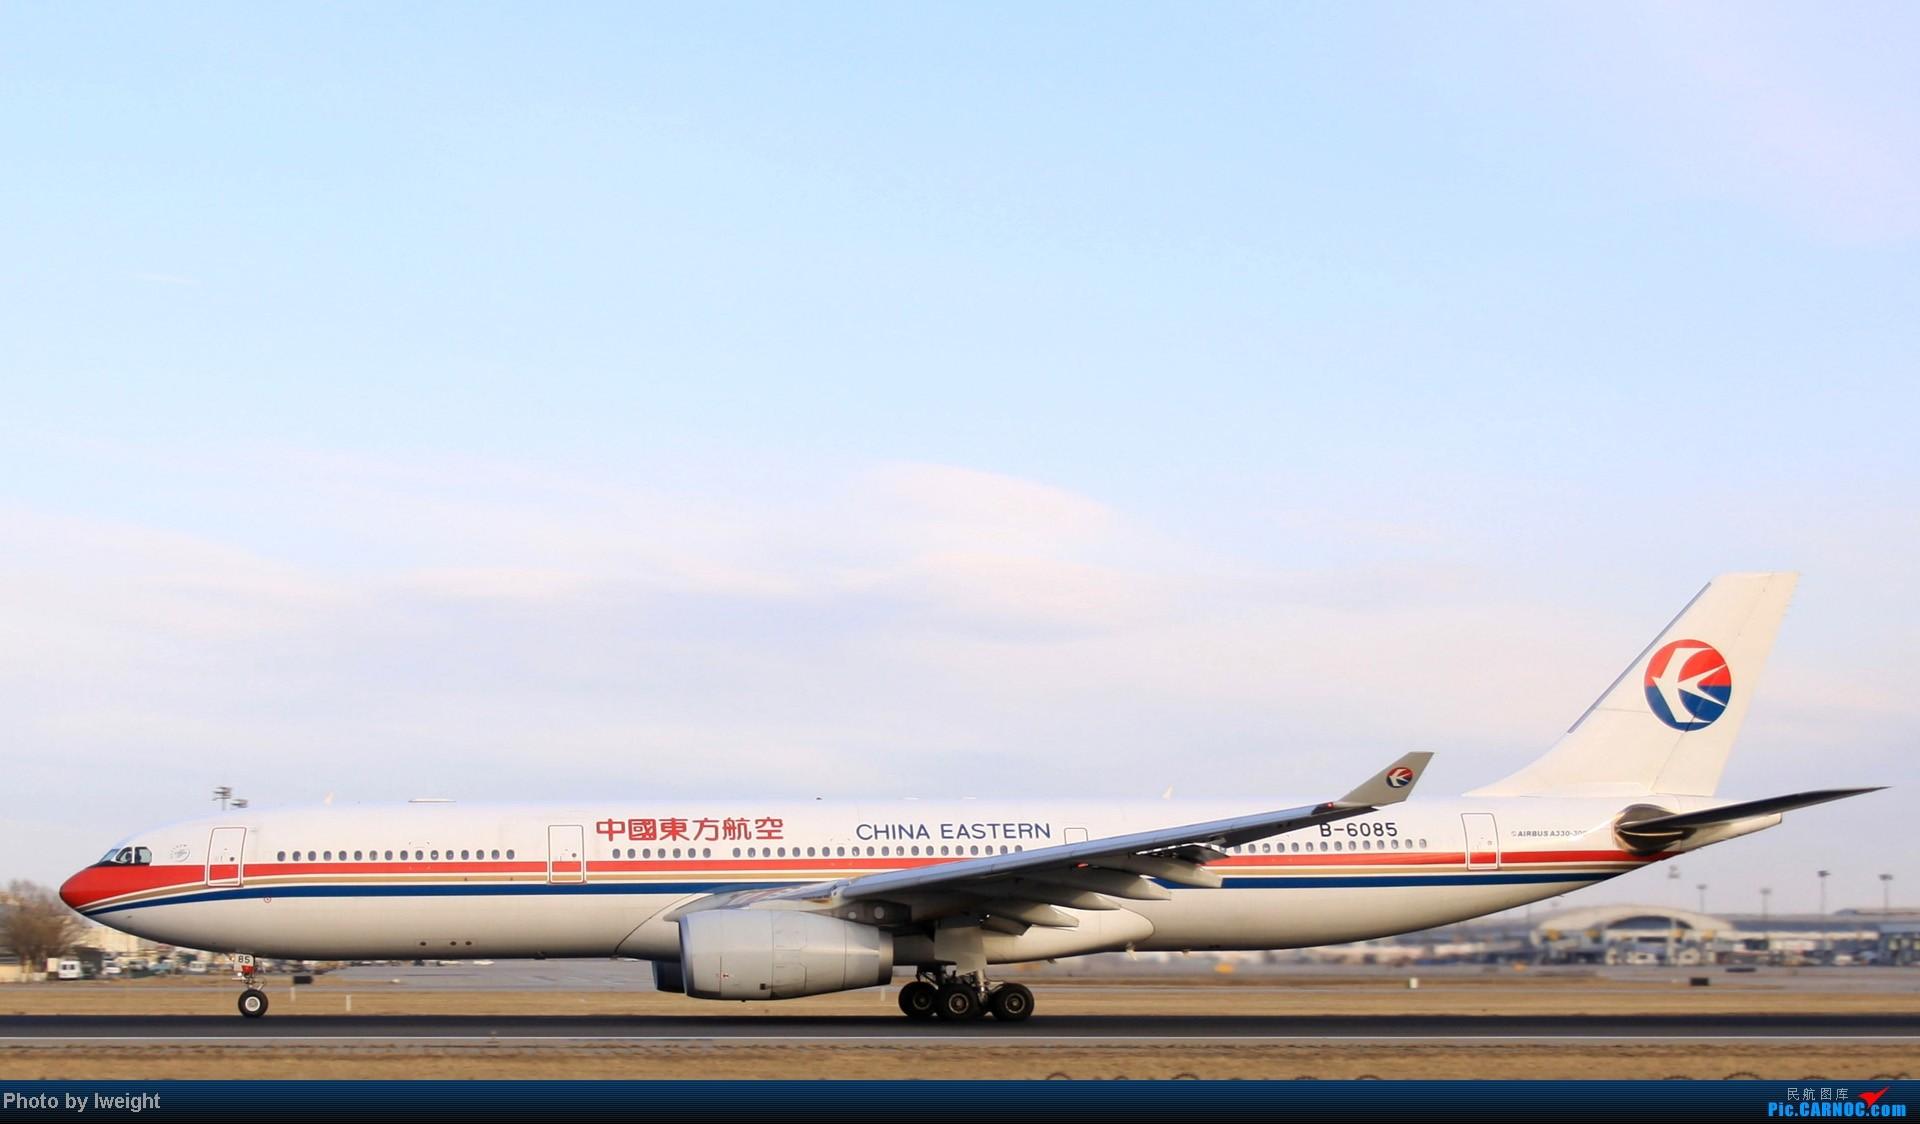 Re:[原创]今天下午瞎拍两个小时的杂图 AIRBUS A330-300 B-6085 中国北京首都机场